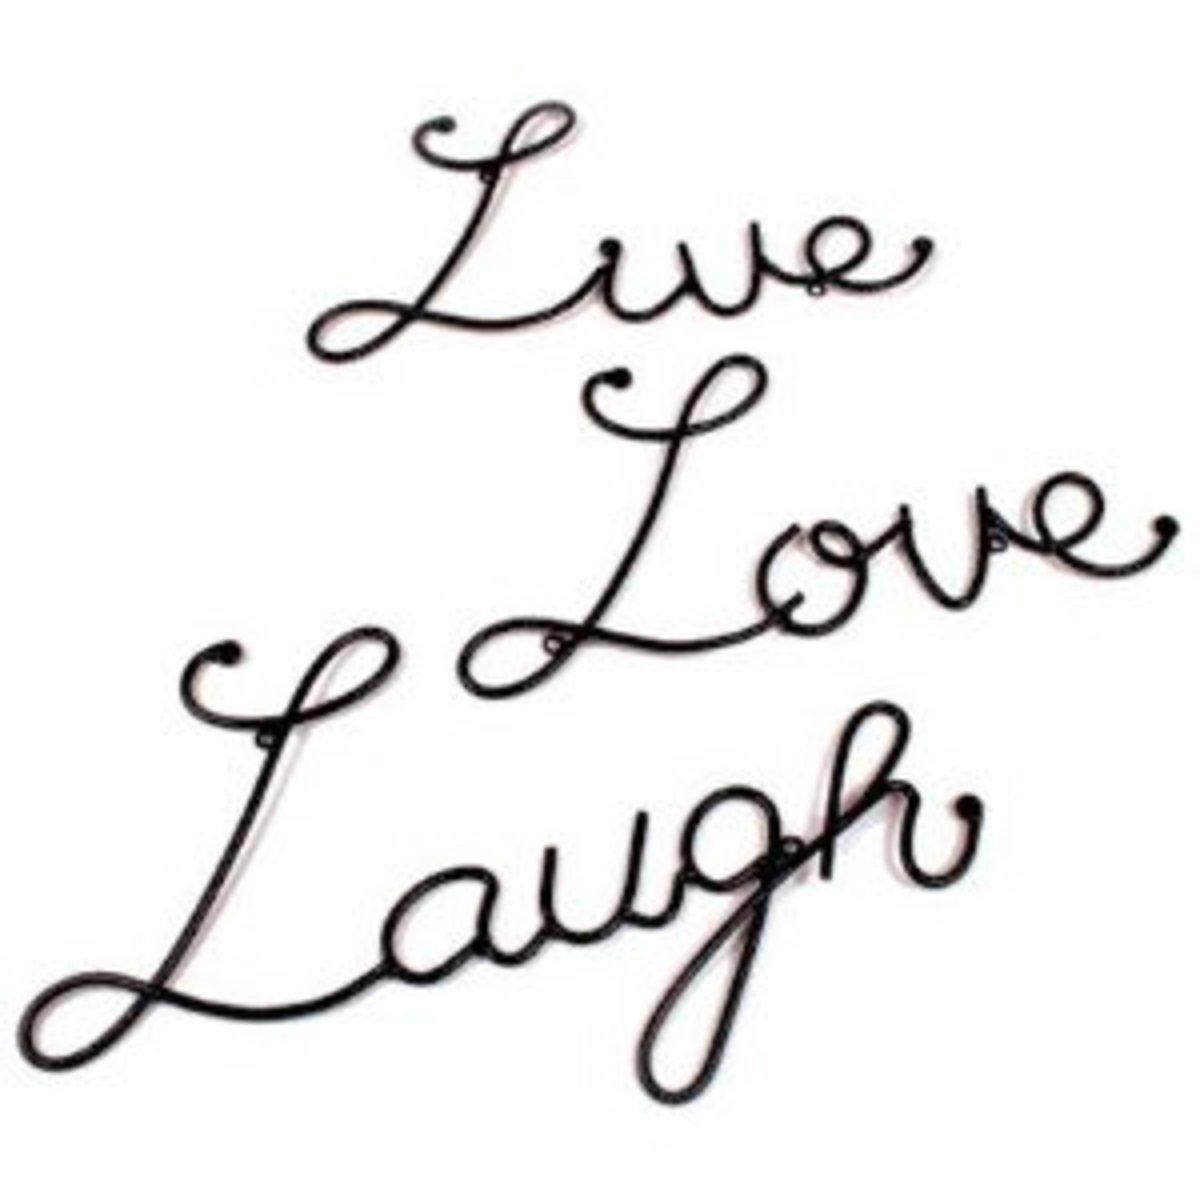 live-laugh-love-wall-decor